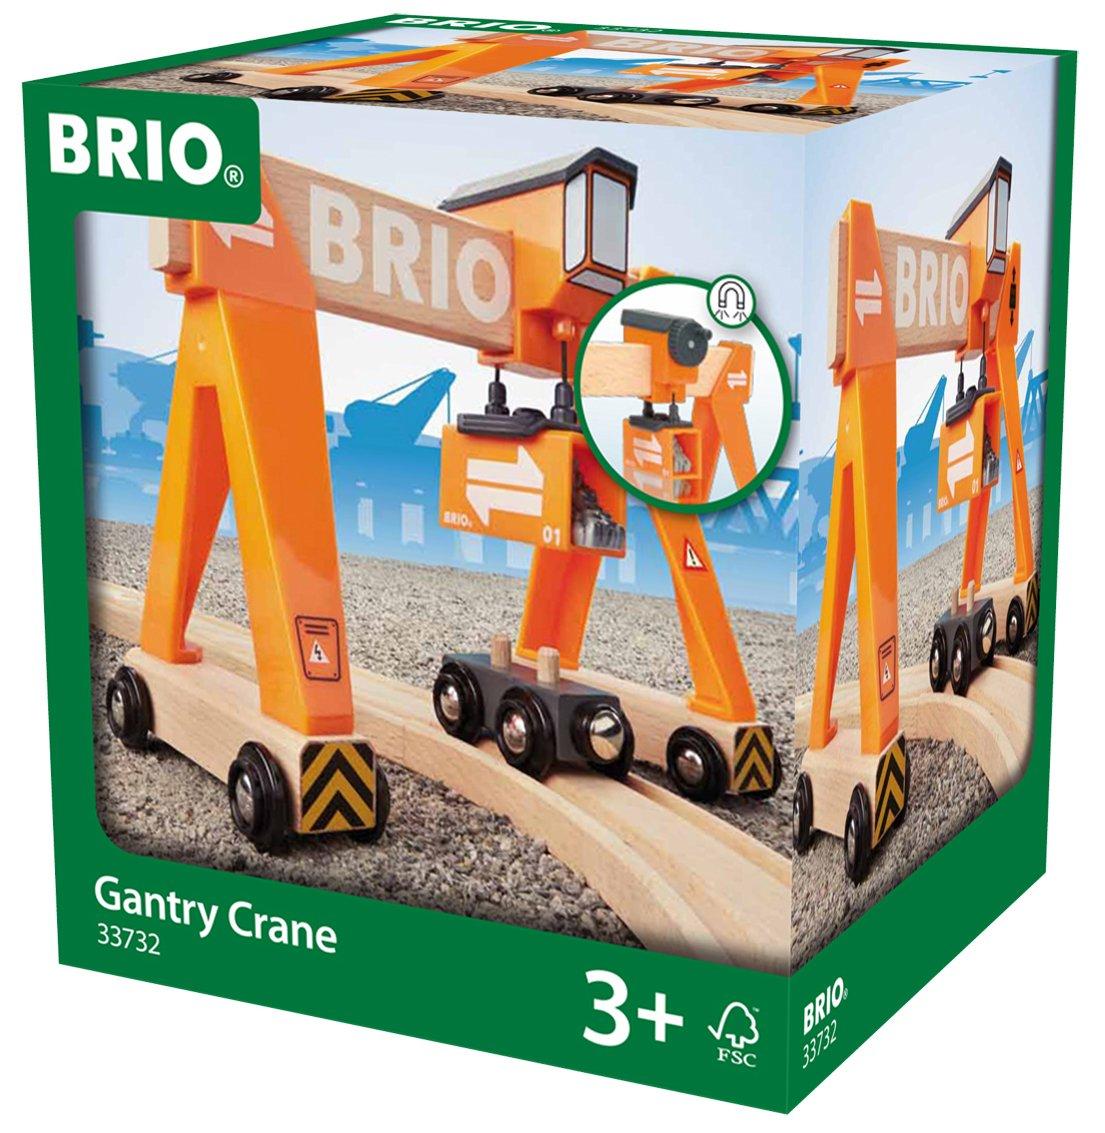 BRIO Gantry Crane by Brio